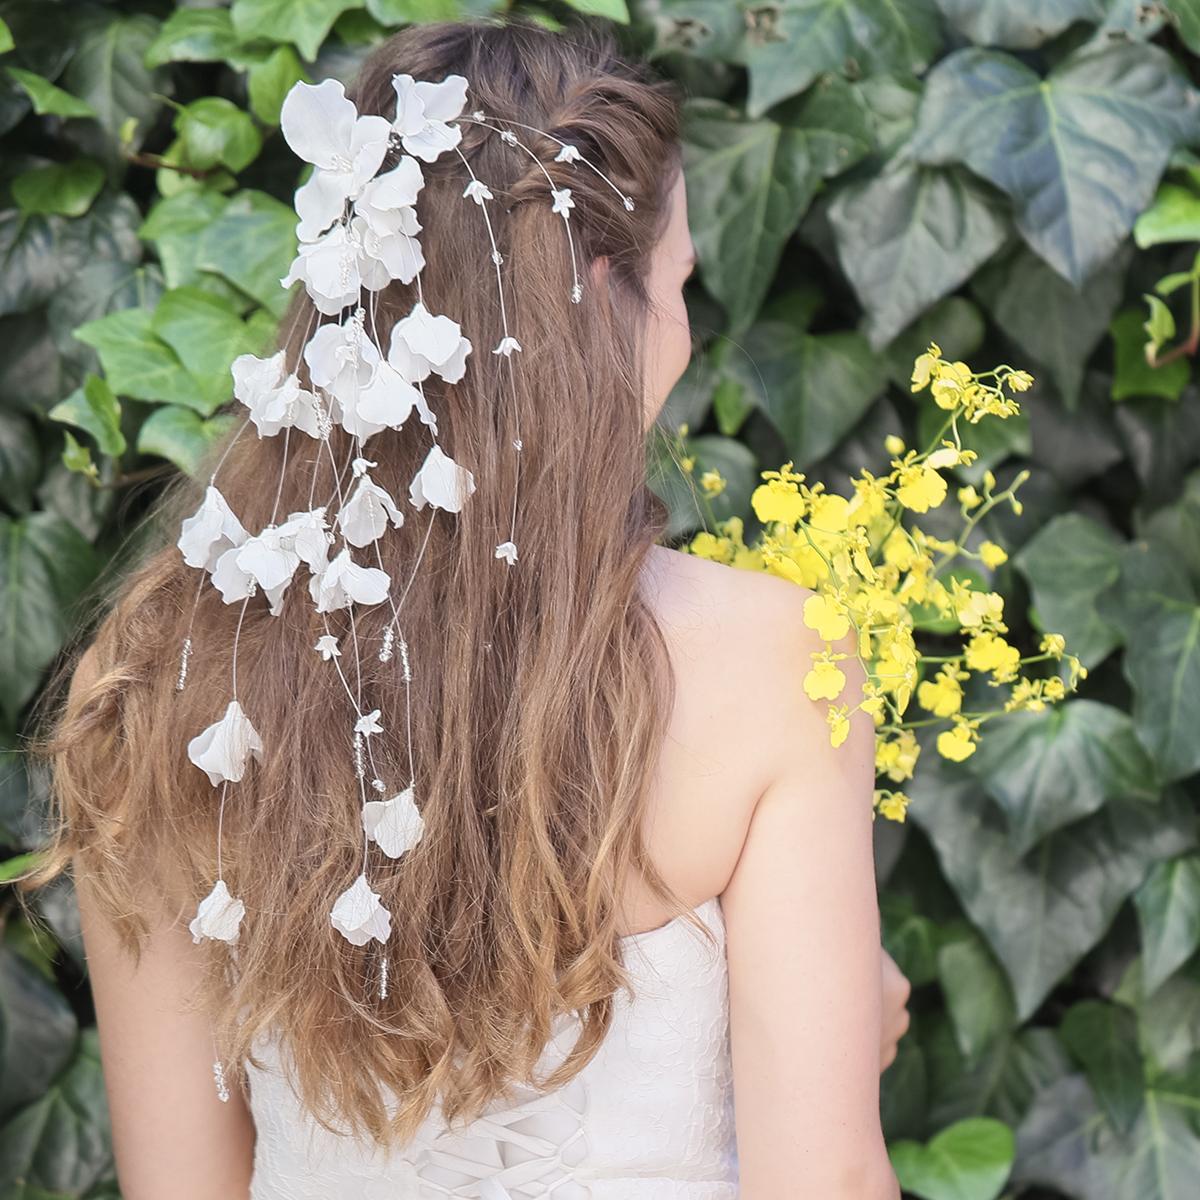 光を透かして揺れるたくさんのお花がフラワーシャワーのように花嫁様を祝福します☆